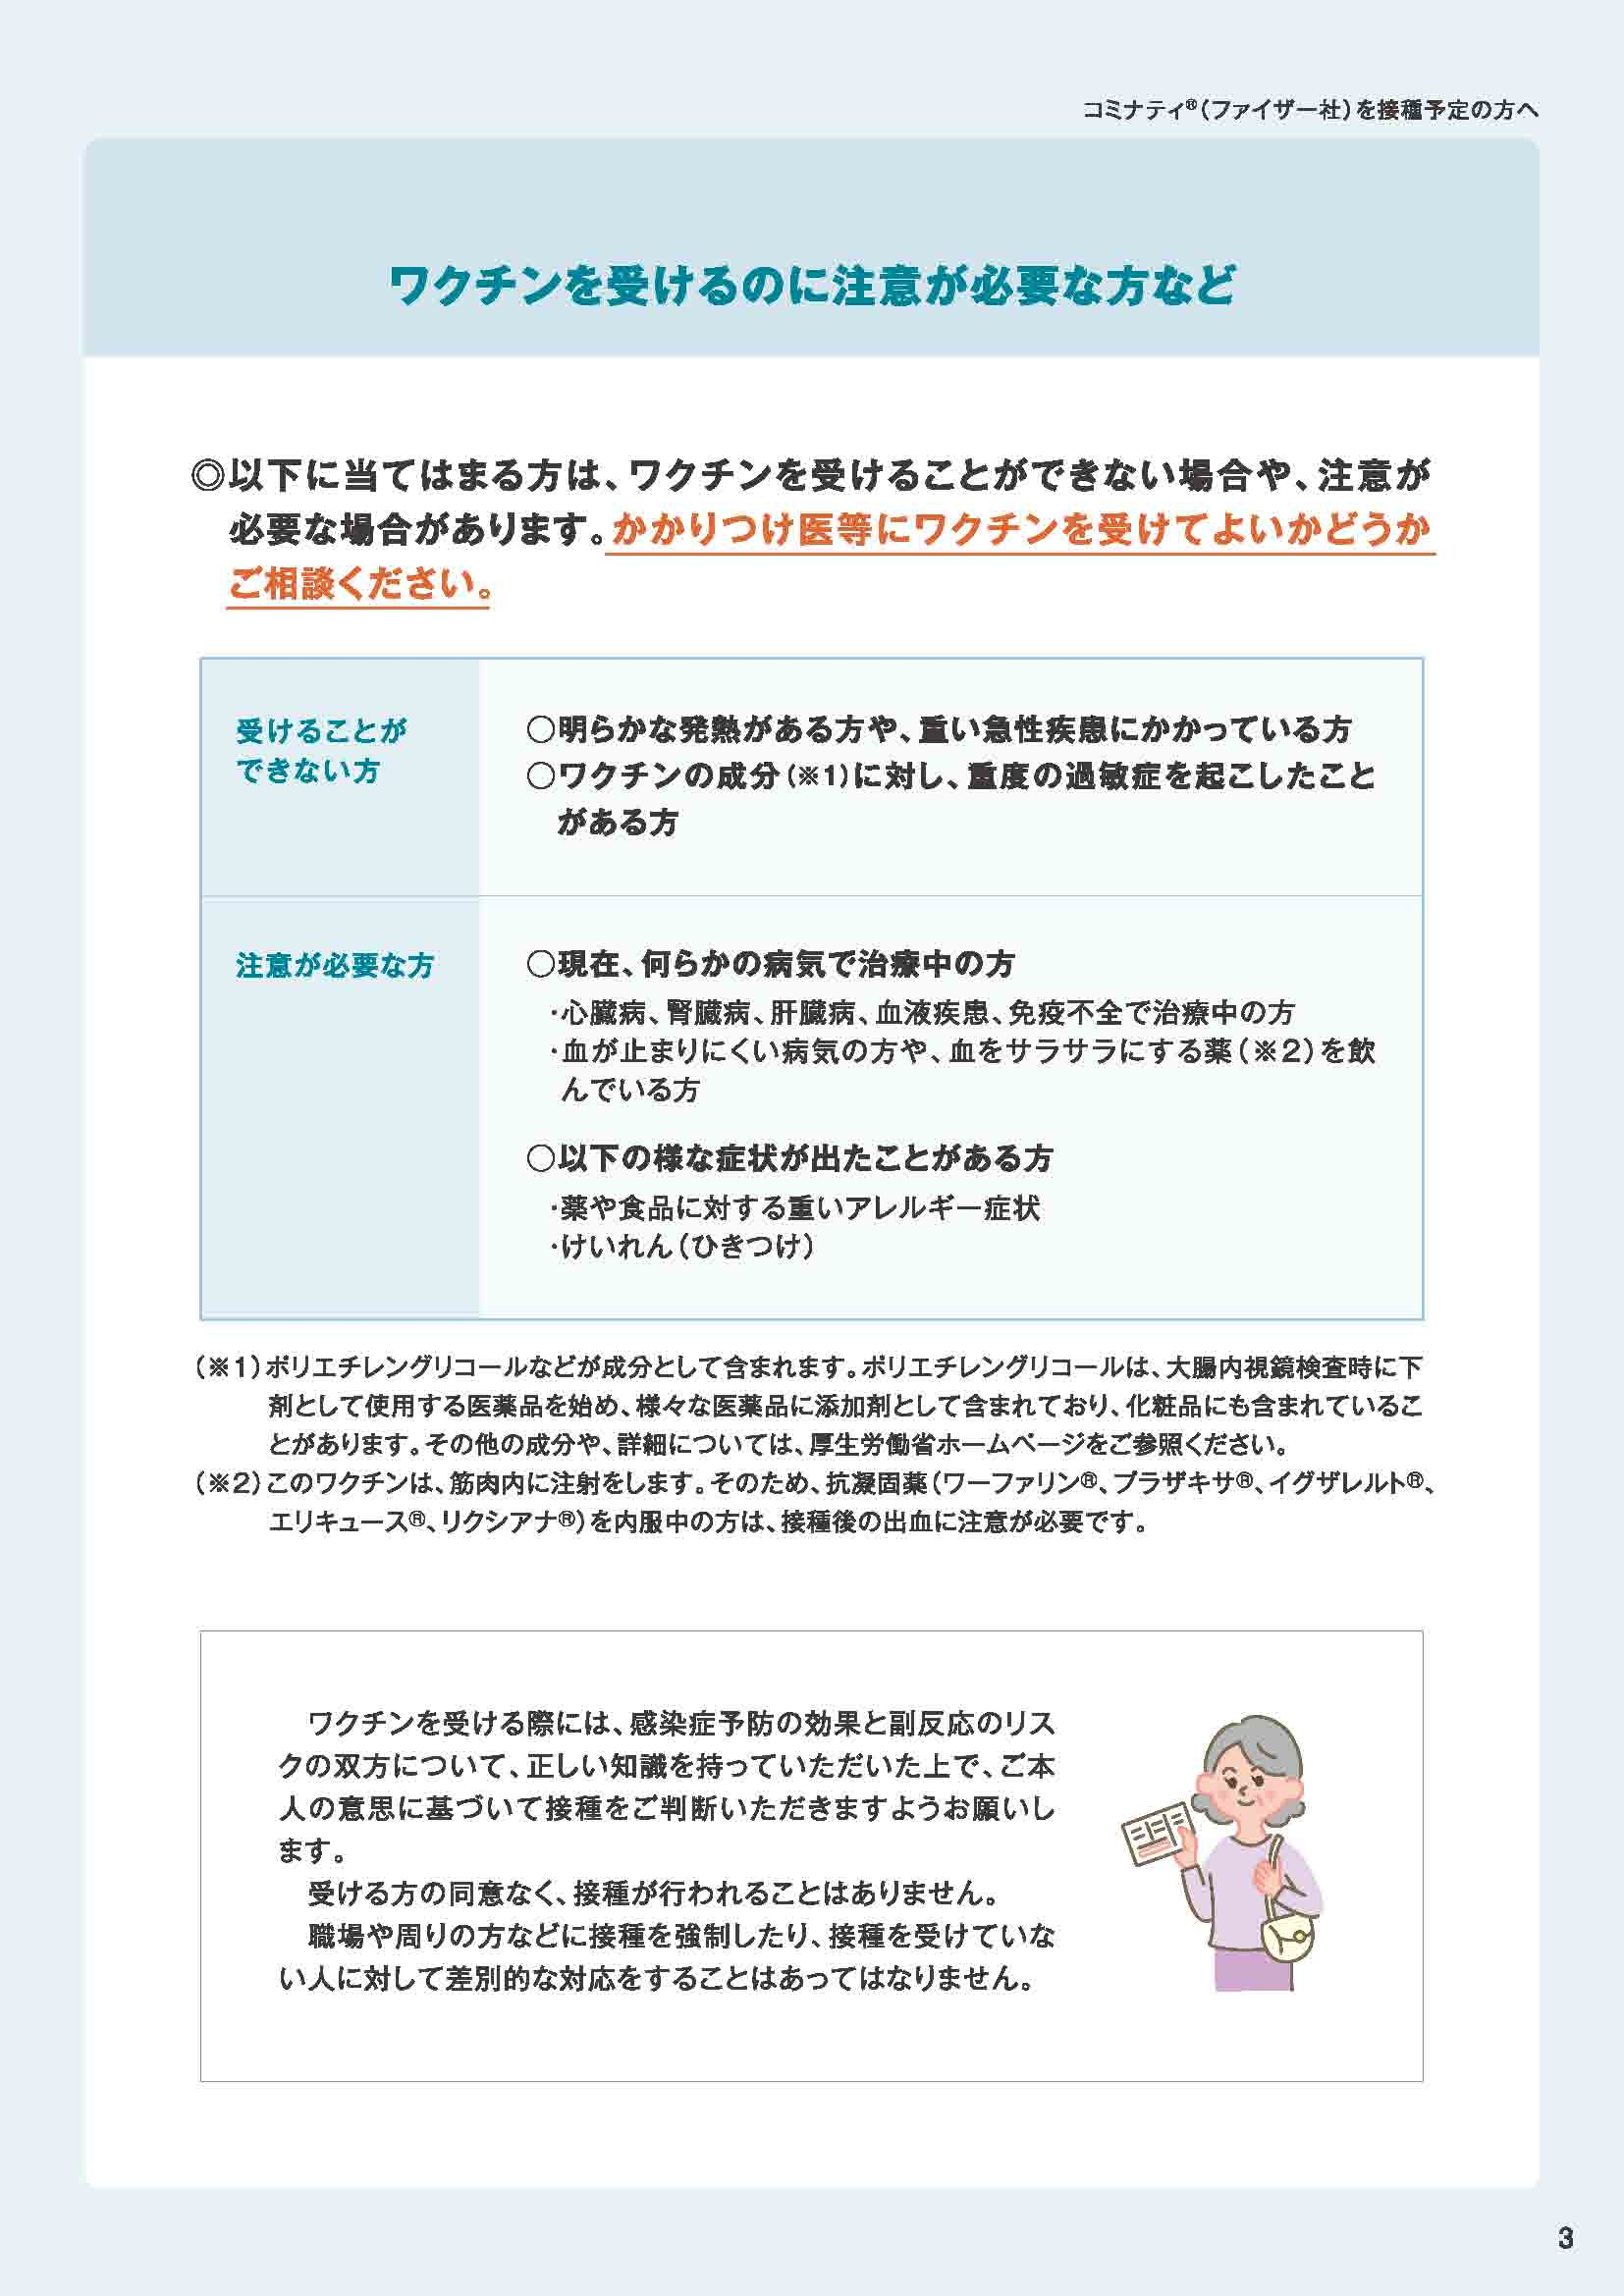 接種のお知らせ(高齢者接種)_ページ_3